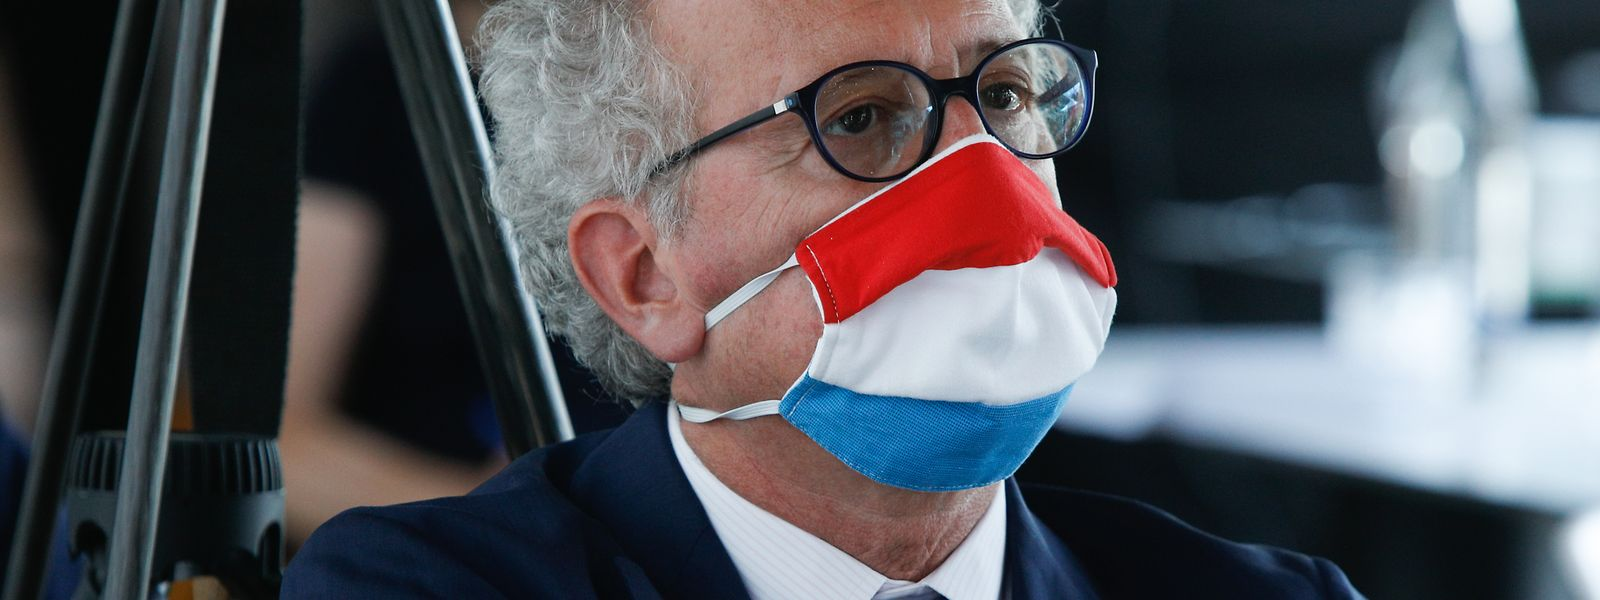 Laut Finanzminister Pierre Gramegna (DP) sind die Einnahmen des Zentralstaats im zweiten Quartal um 12,1 Prozent gegenüber dem Vorjahr eingebrochen.